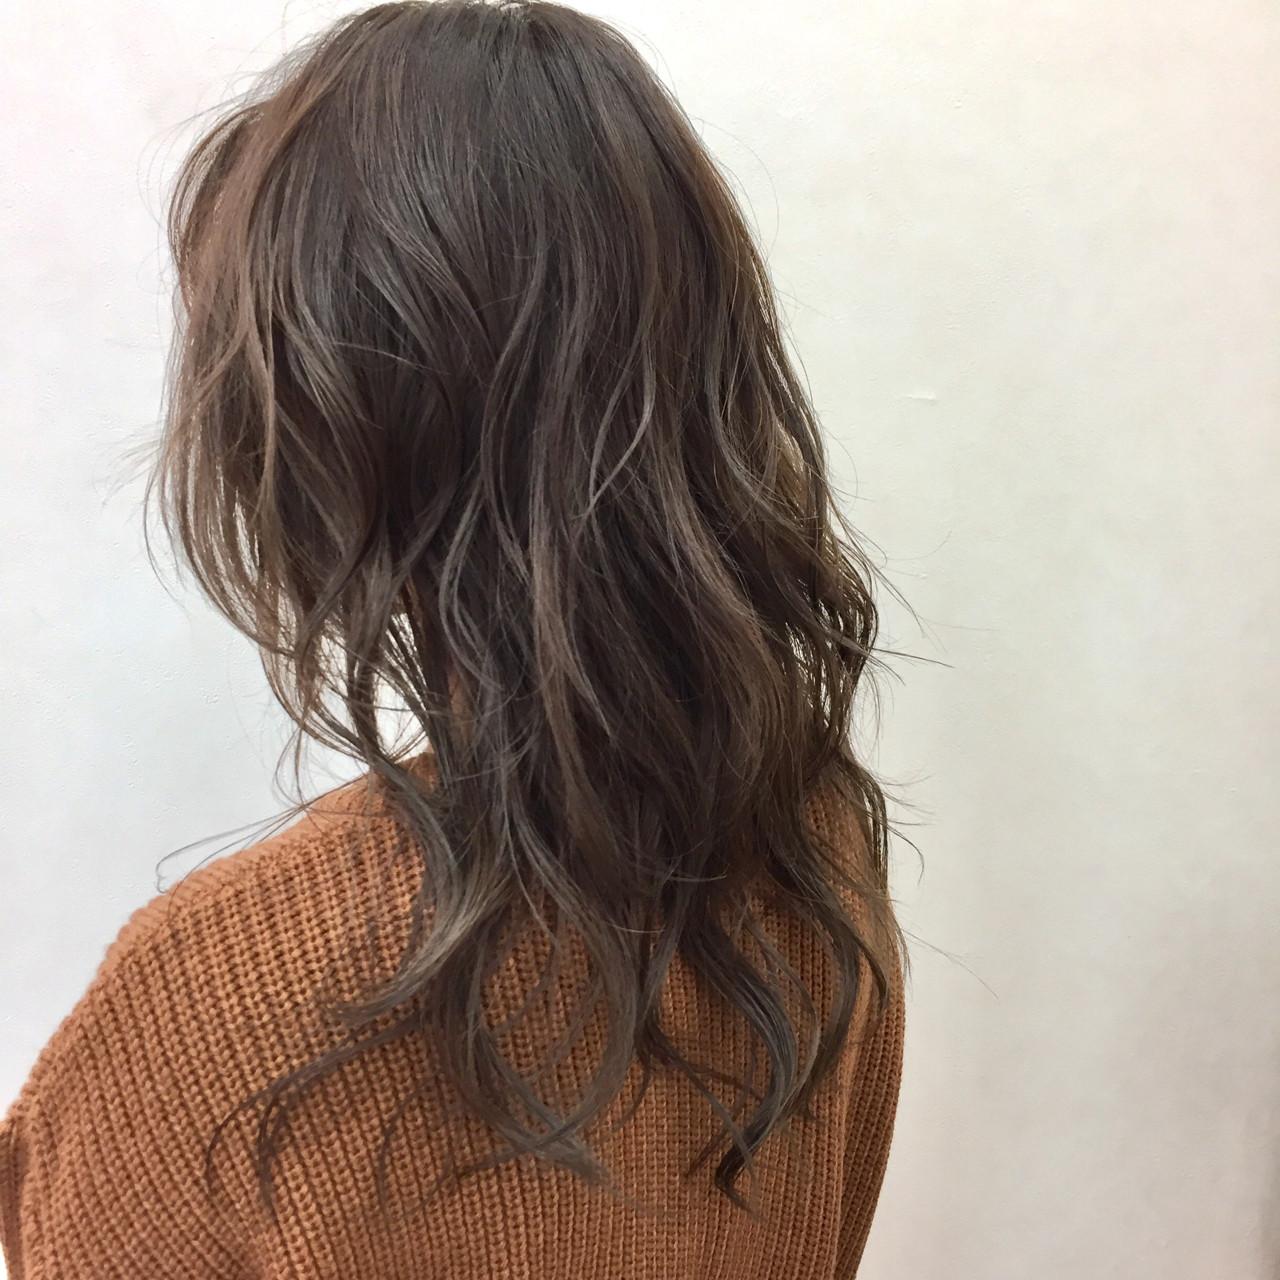 ナチュラル ミルクティーベージュ ミルクティー セミロング ヘアスタイルや髪型の写真・画像 | 後藤菜々 / 電髪倶楽部street